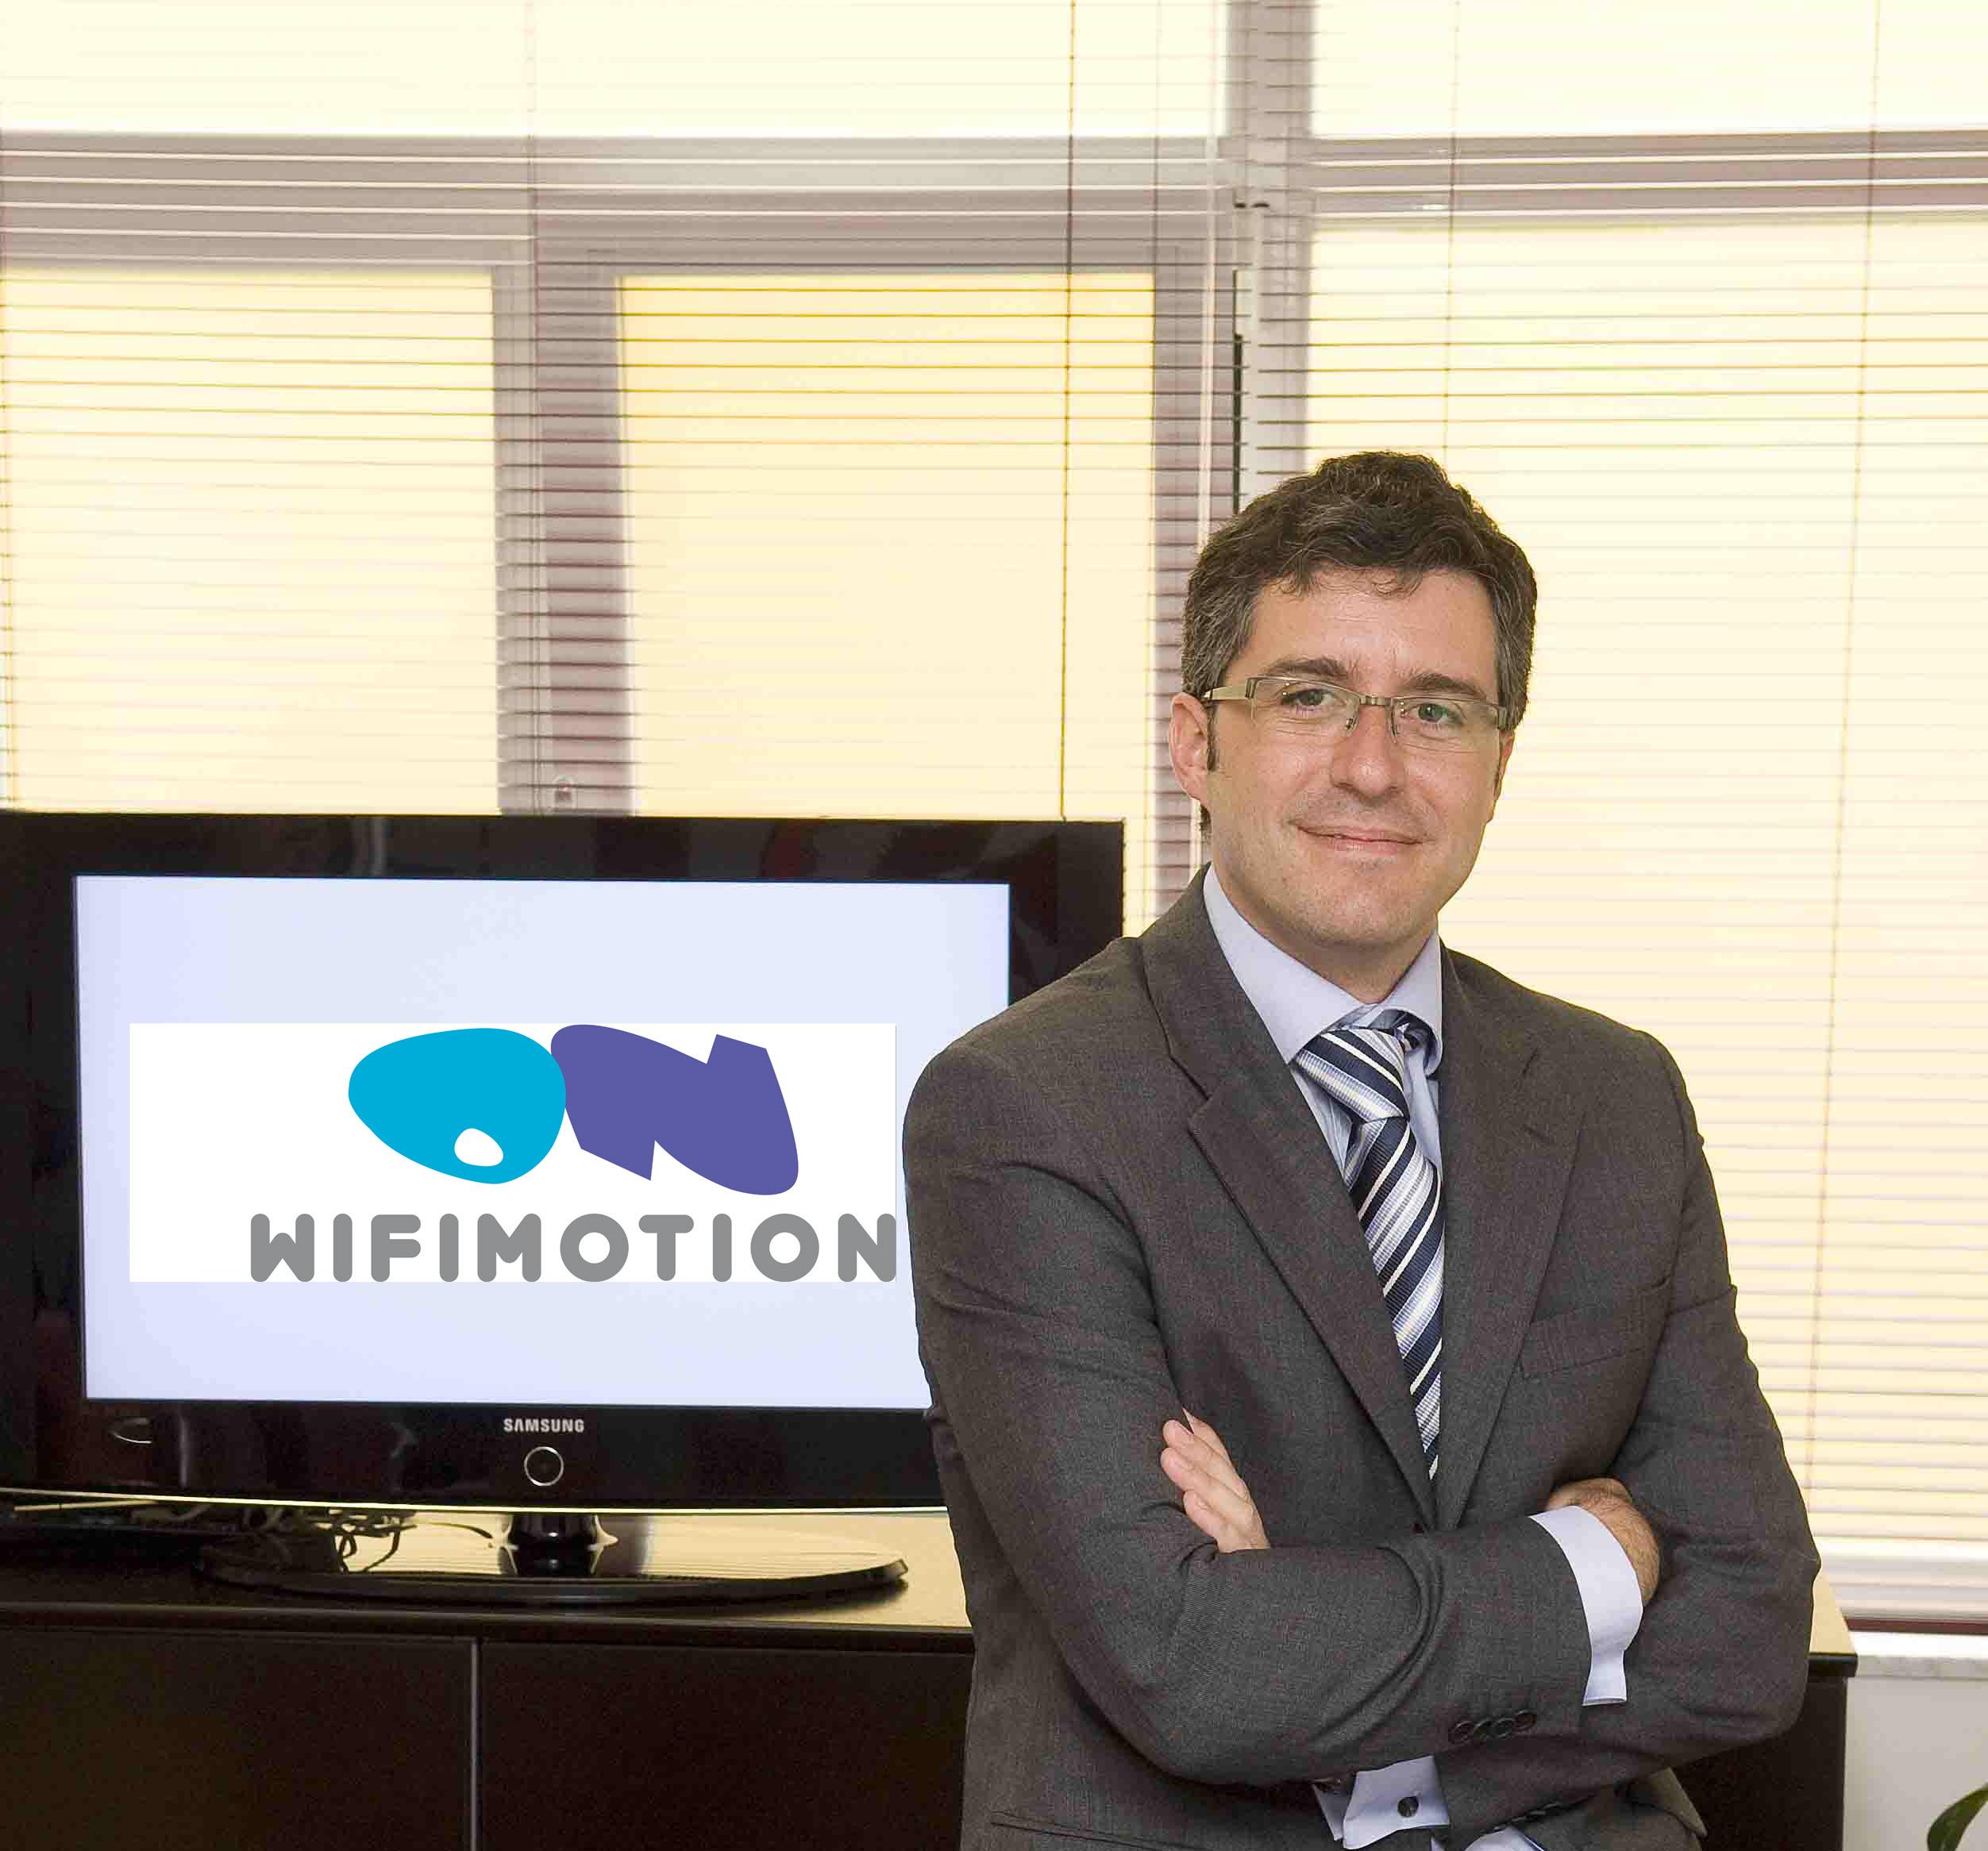 Entrevista con Diego López-Salazar de Wifimotion